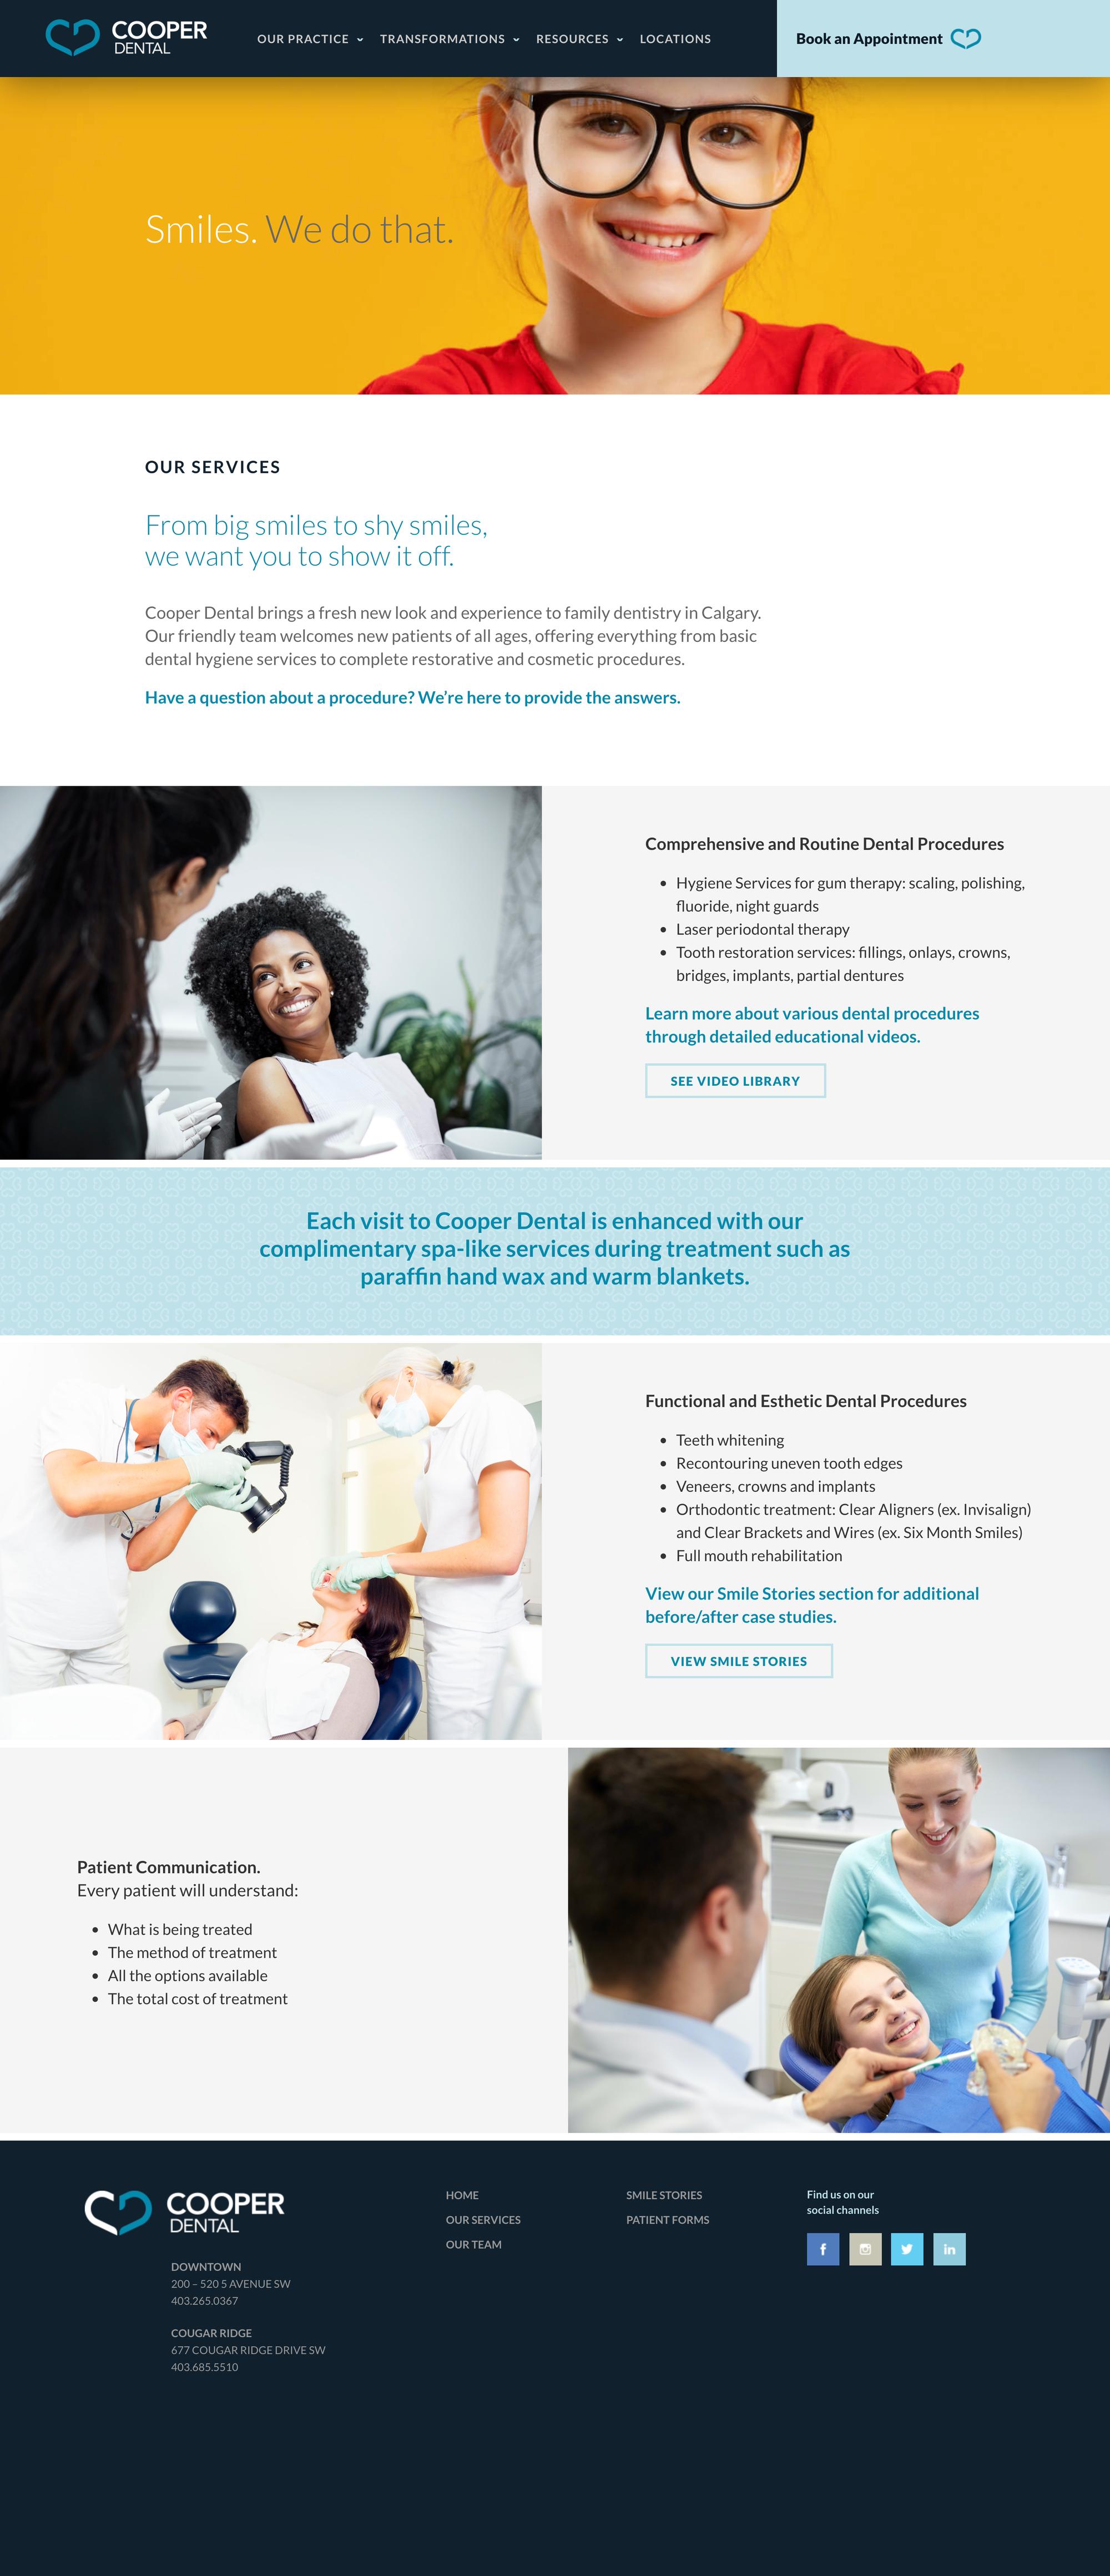 Cooper Dental Website Services